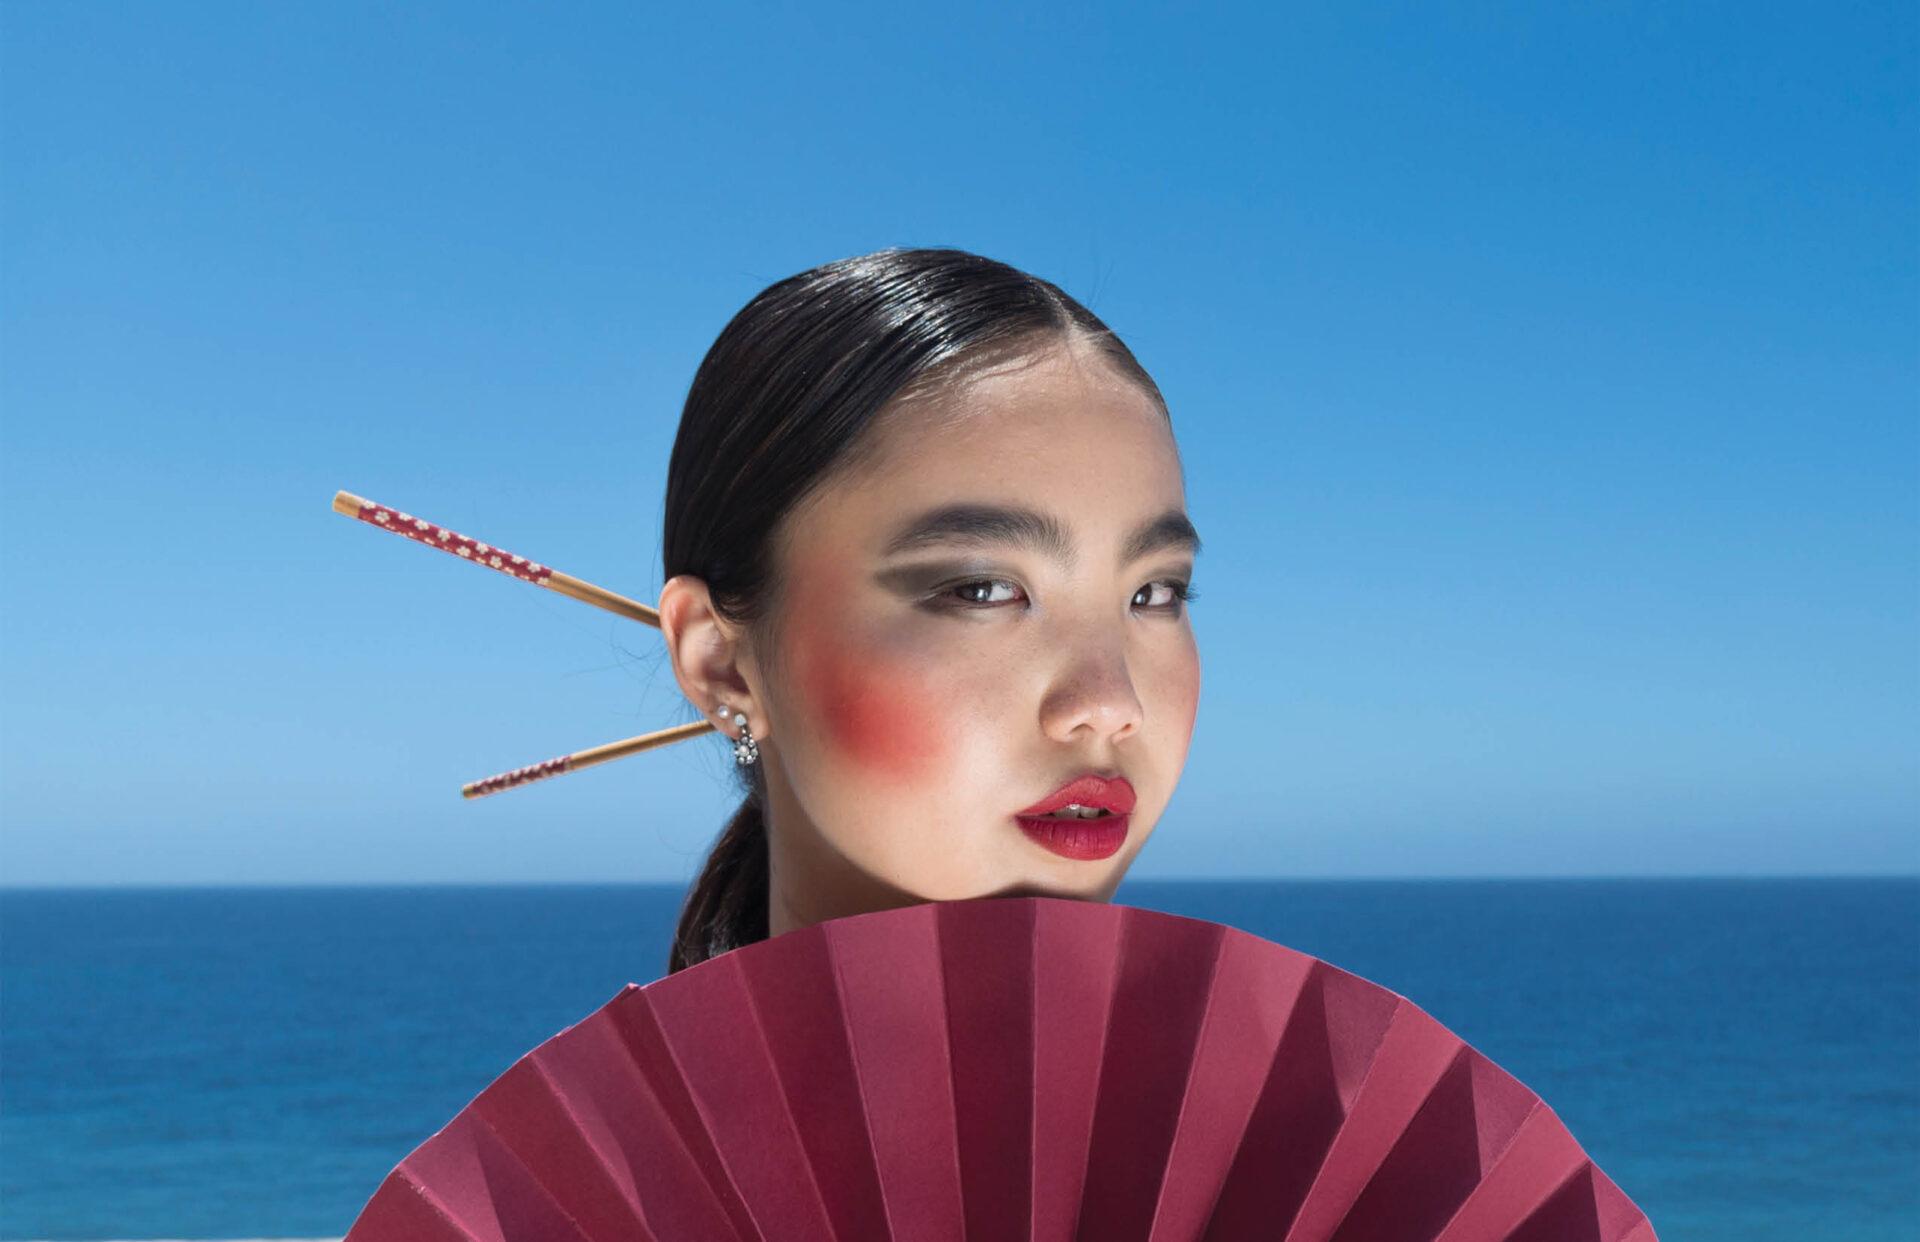 photoshoot by David Rodriguez for keyi magazine